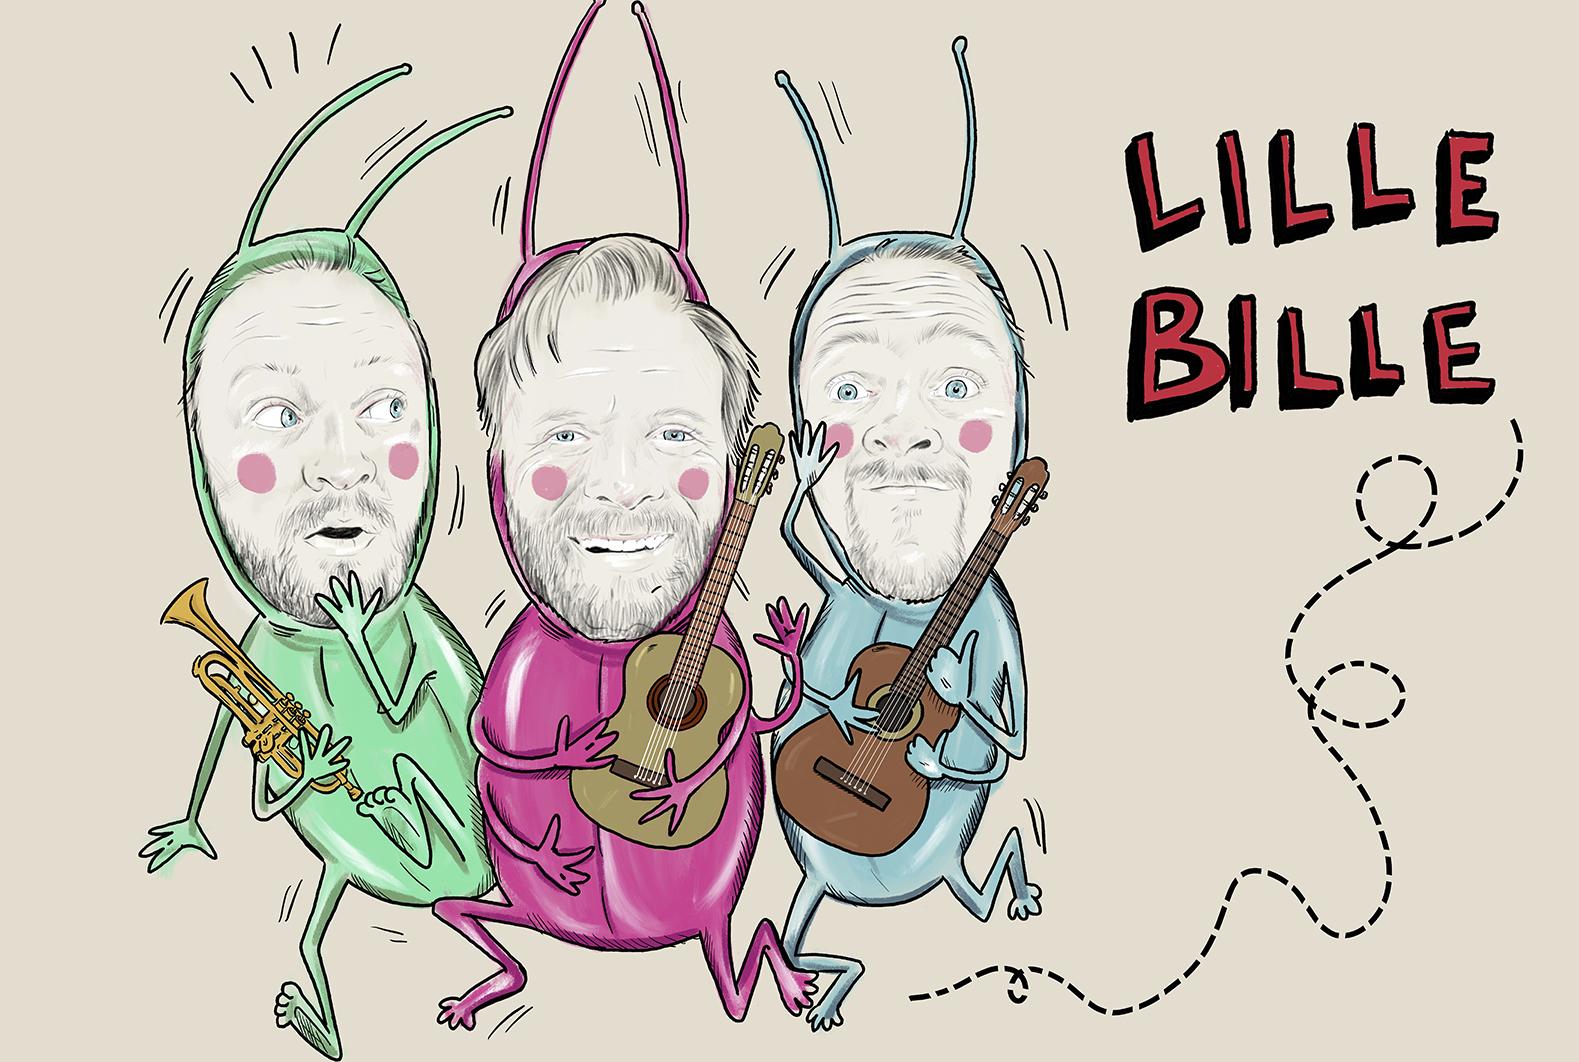 Bandet Lille Bille